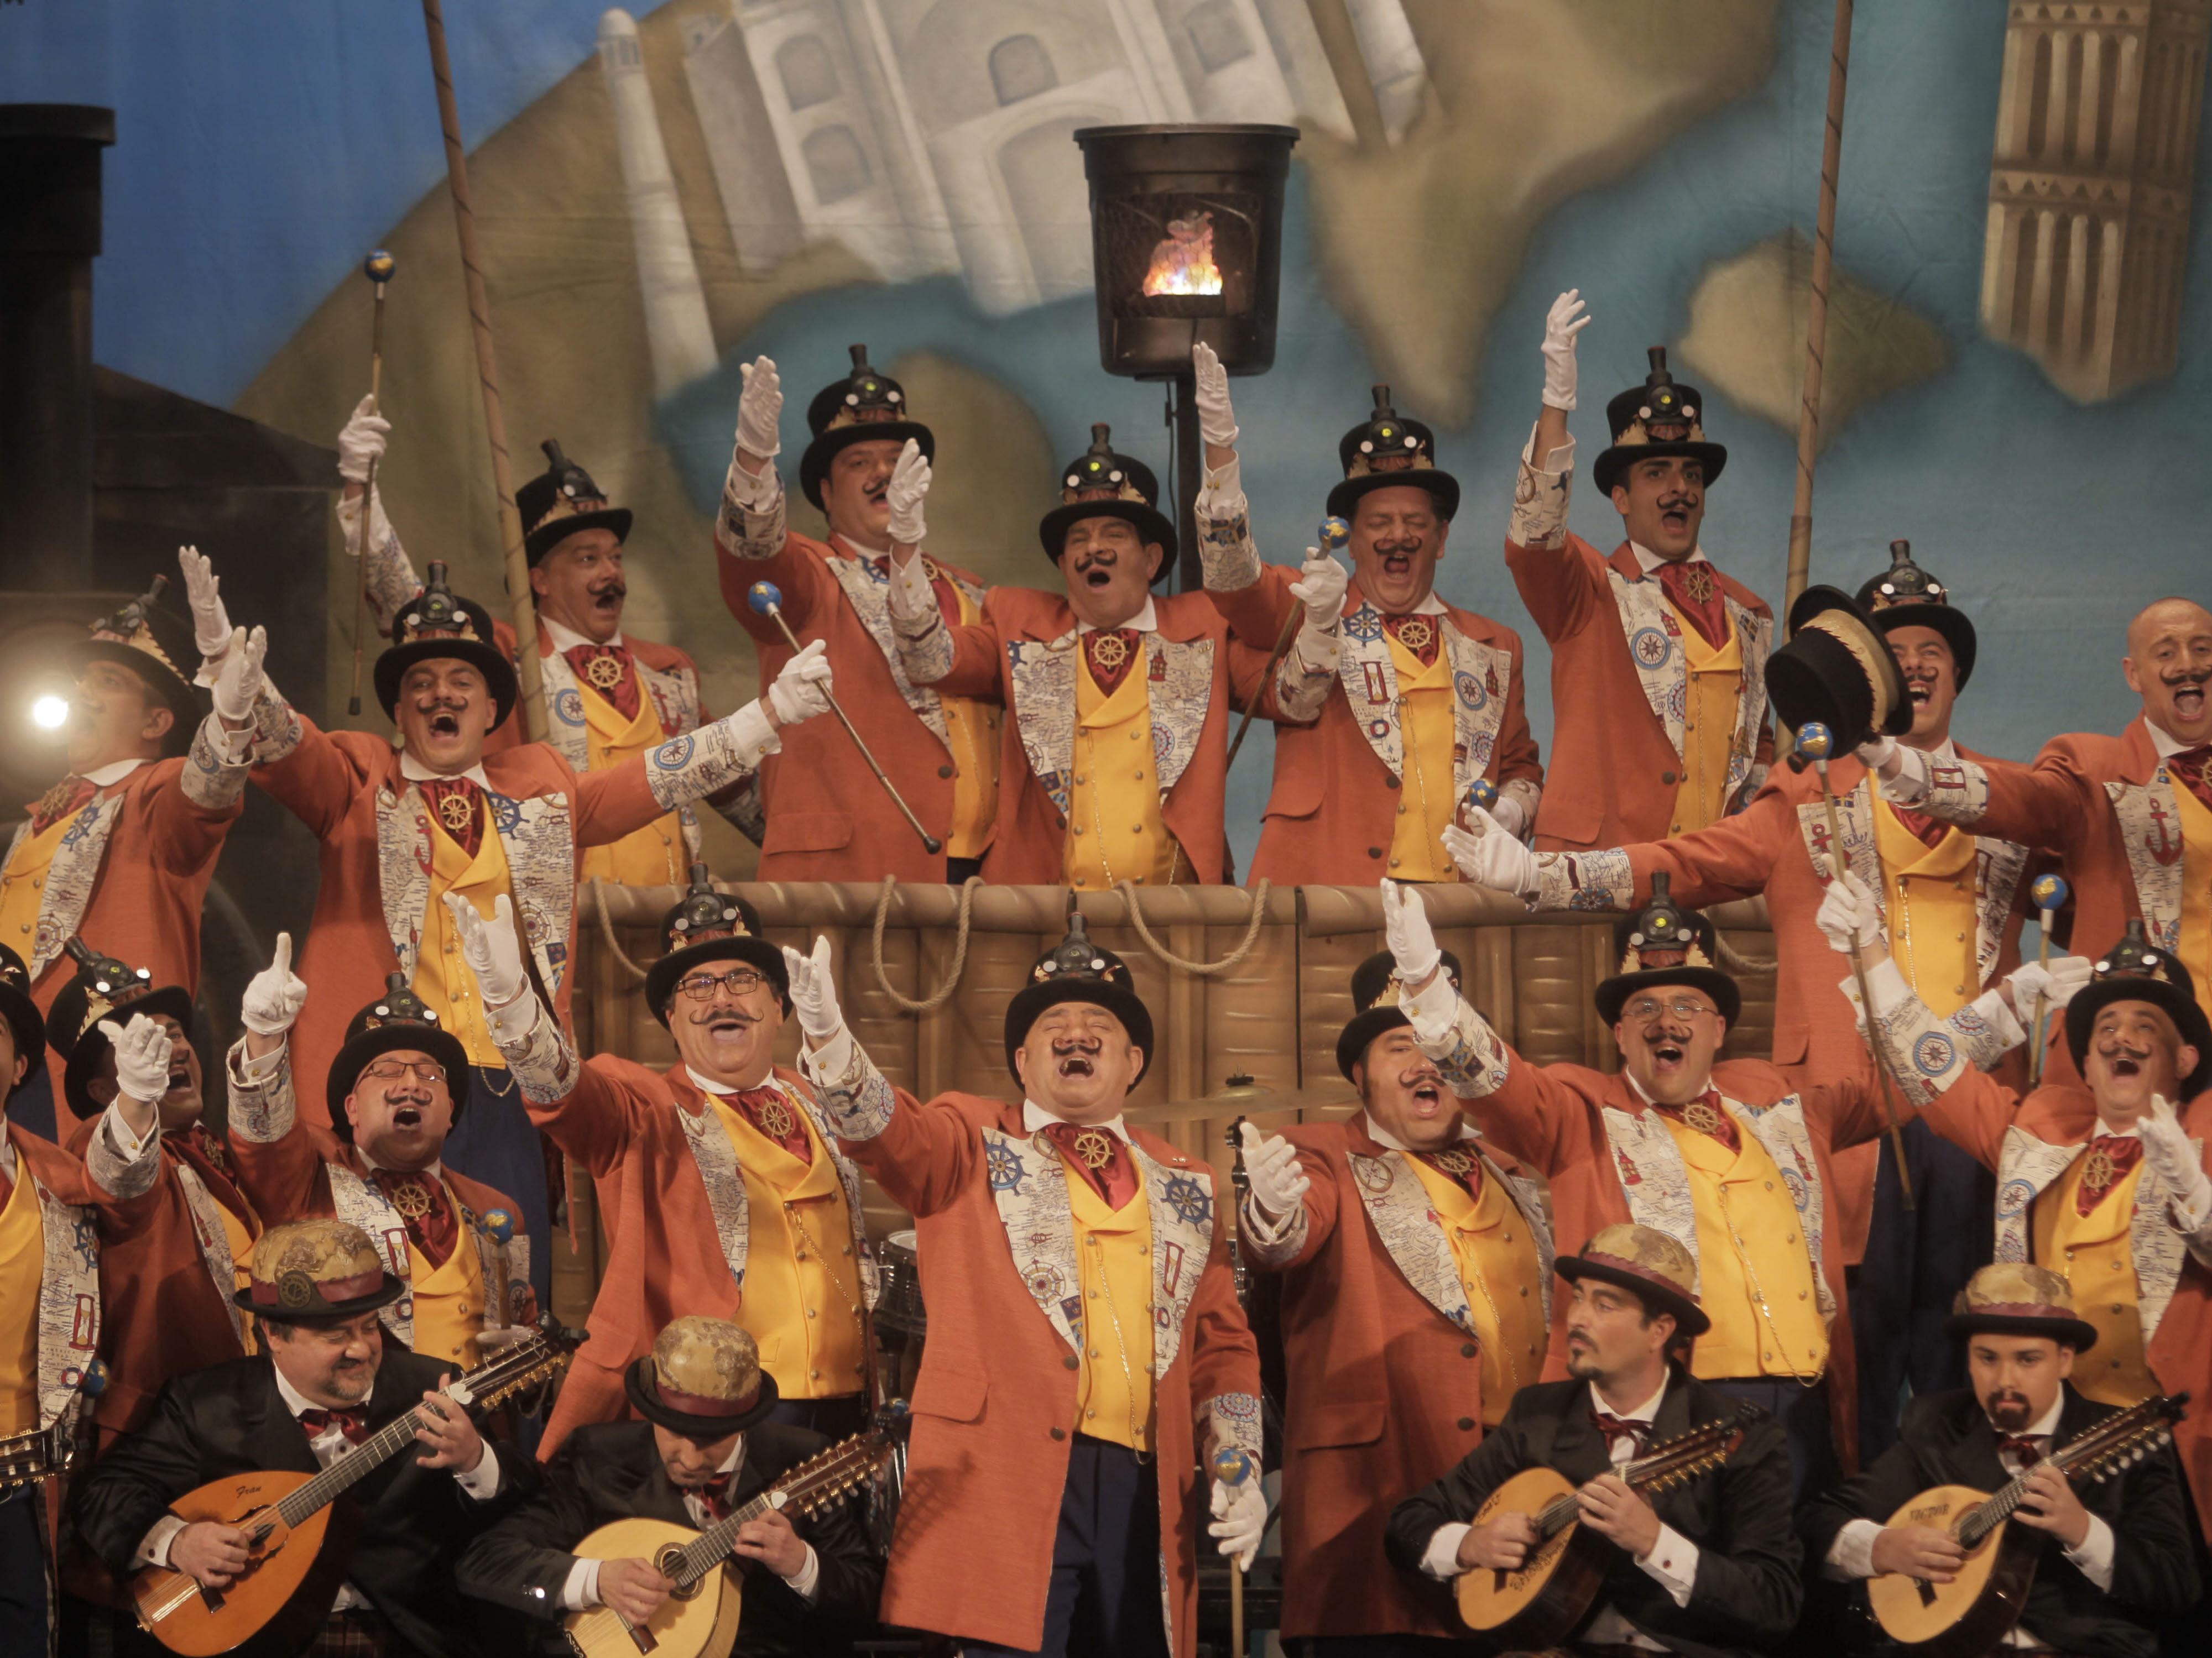 El coro de Nandi Migueles perdió el primer premio del concurso en la Gran Final